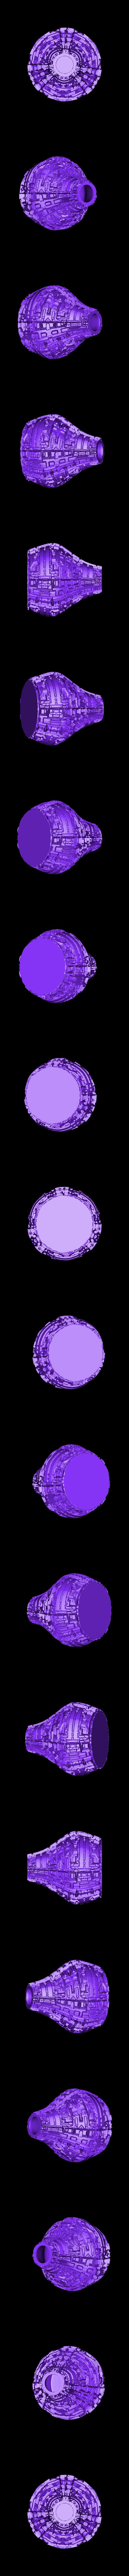 vase starwars effect V2 .stl Télécharger fichier STL X86 Mini vase collection  • Objet imprimable en 3D, motek